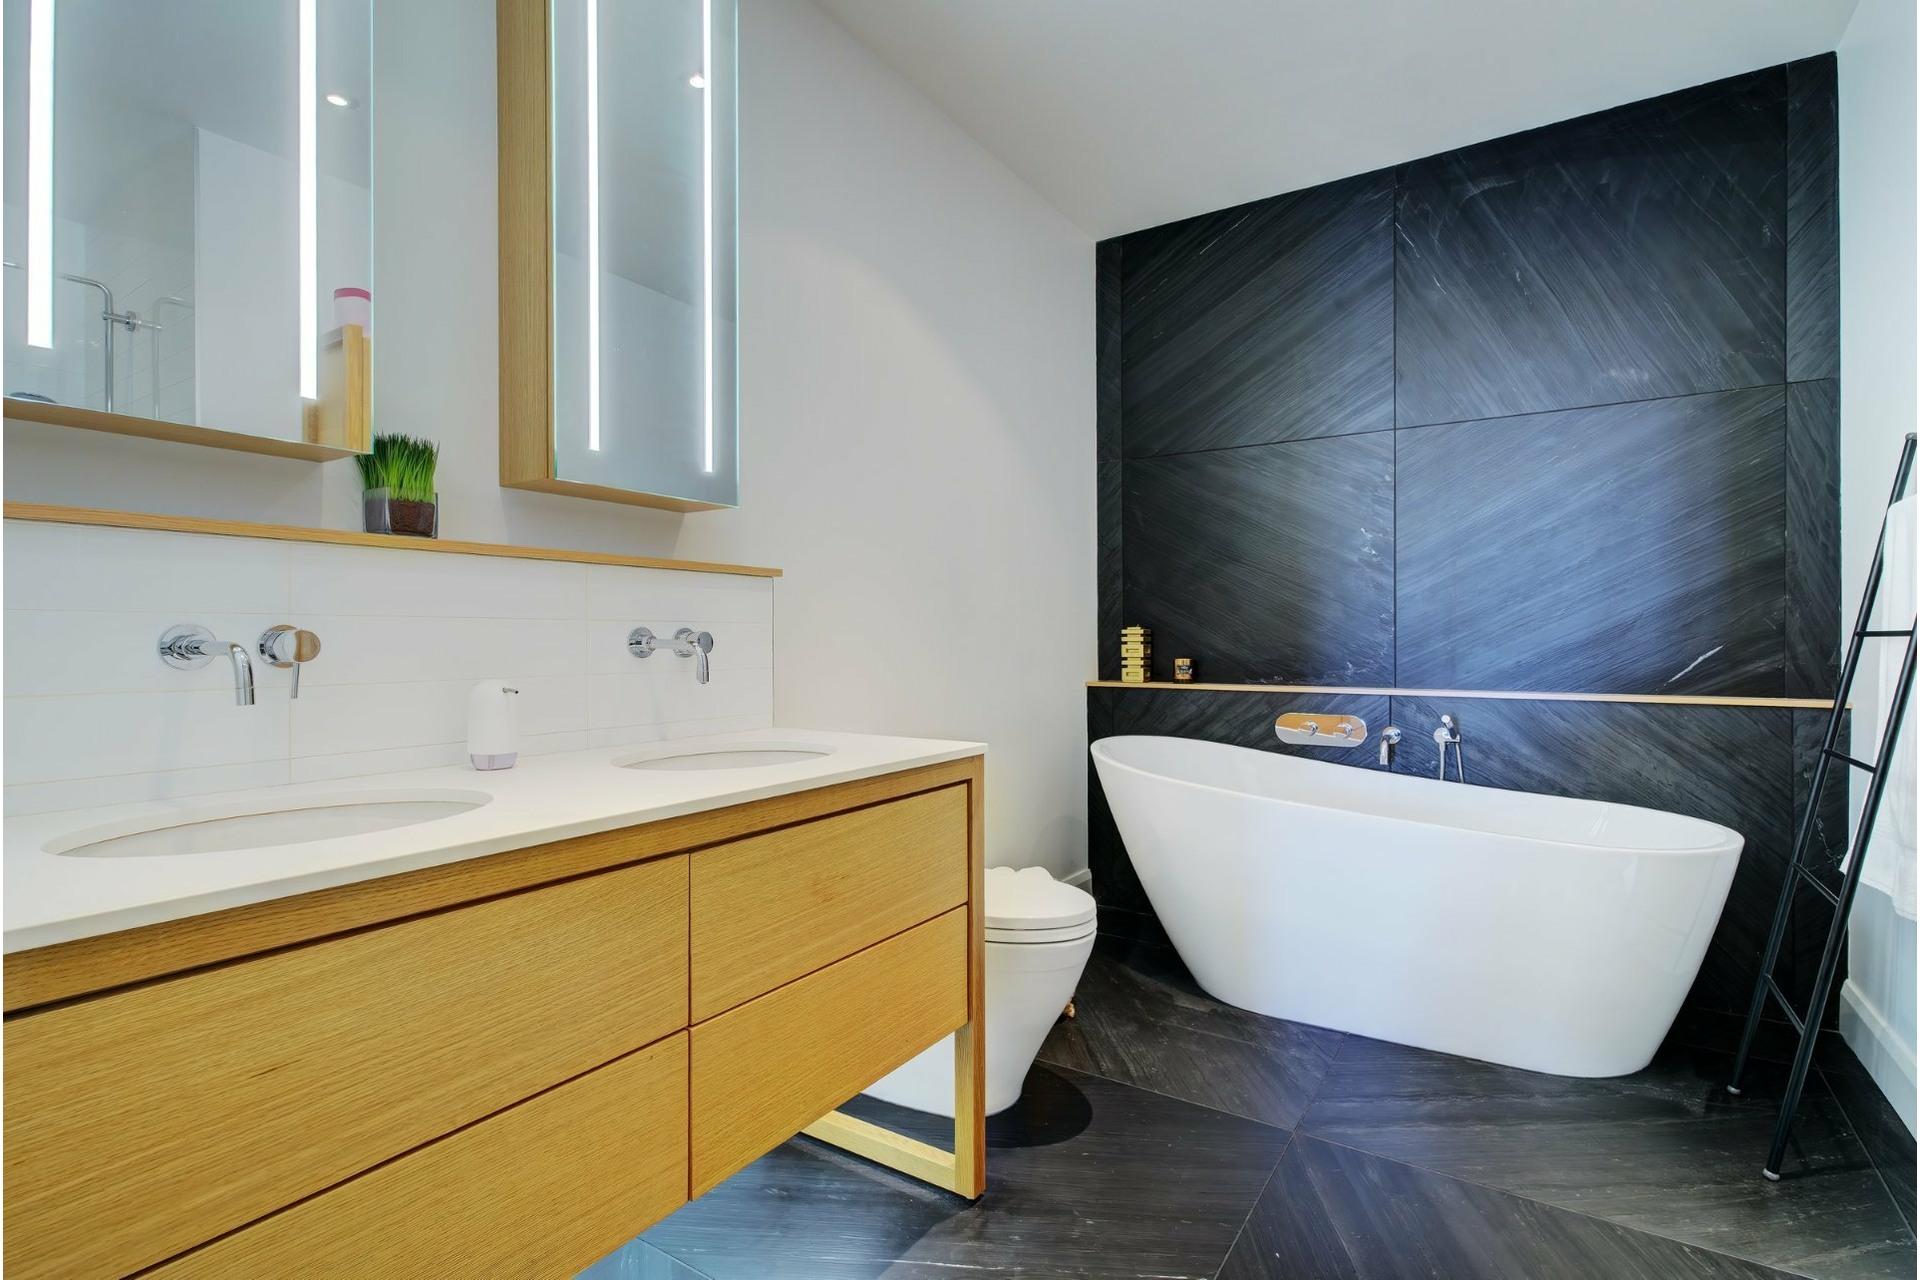 image 25 - Apartment For sale Ville-Marie Montréal  - 6 rooms